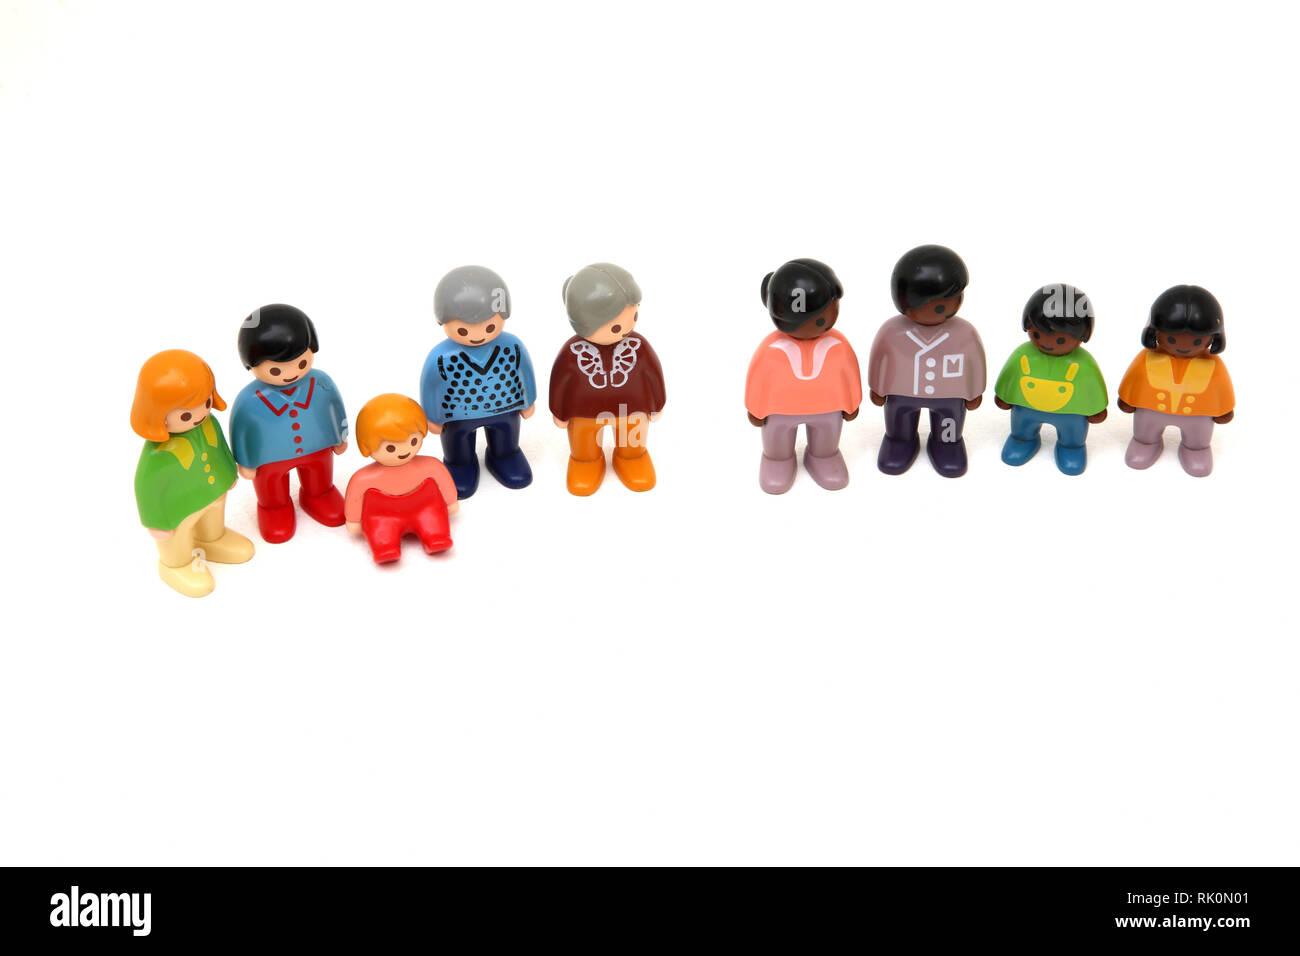 1990 Playmobil Puppen Stockbild